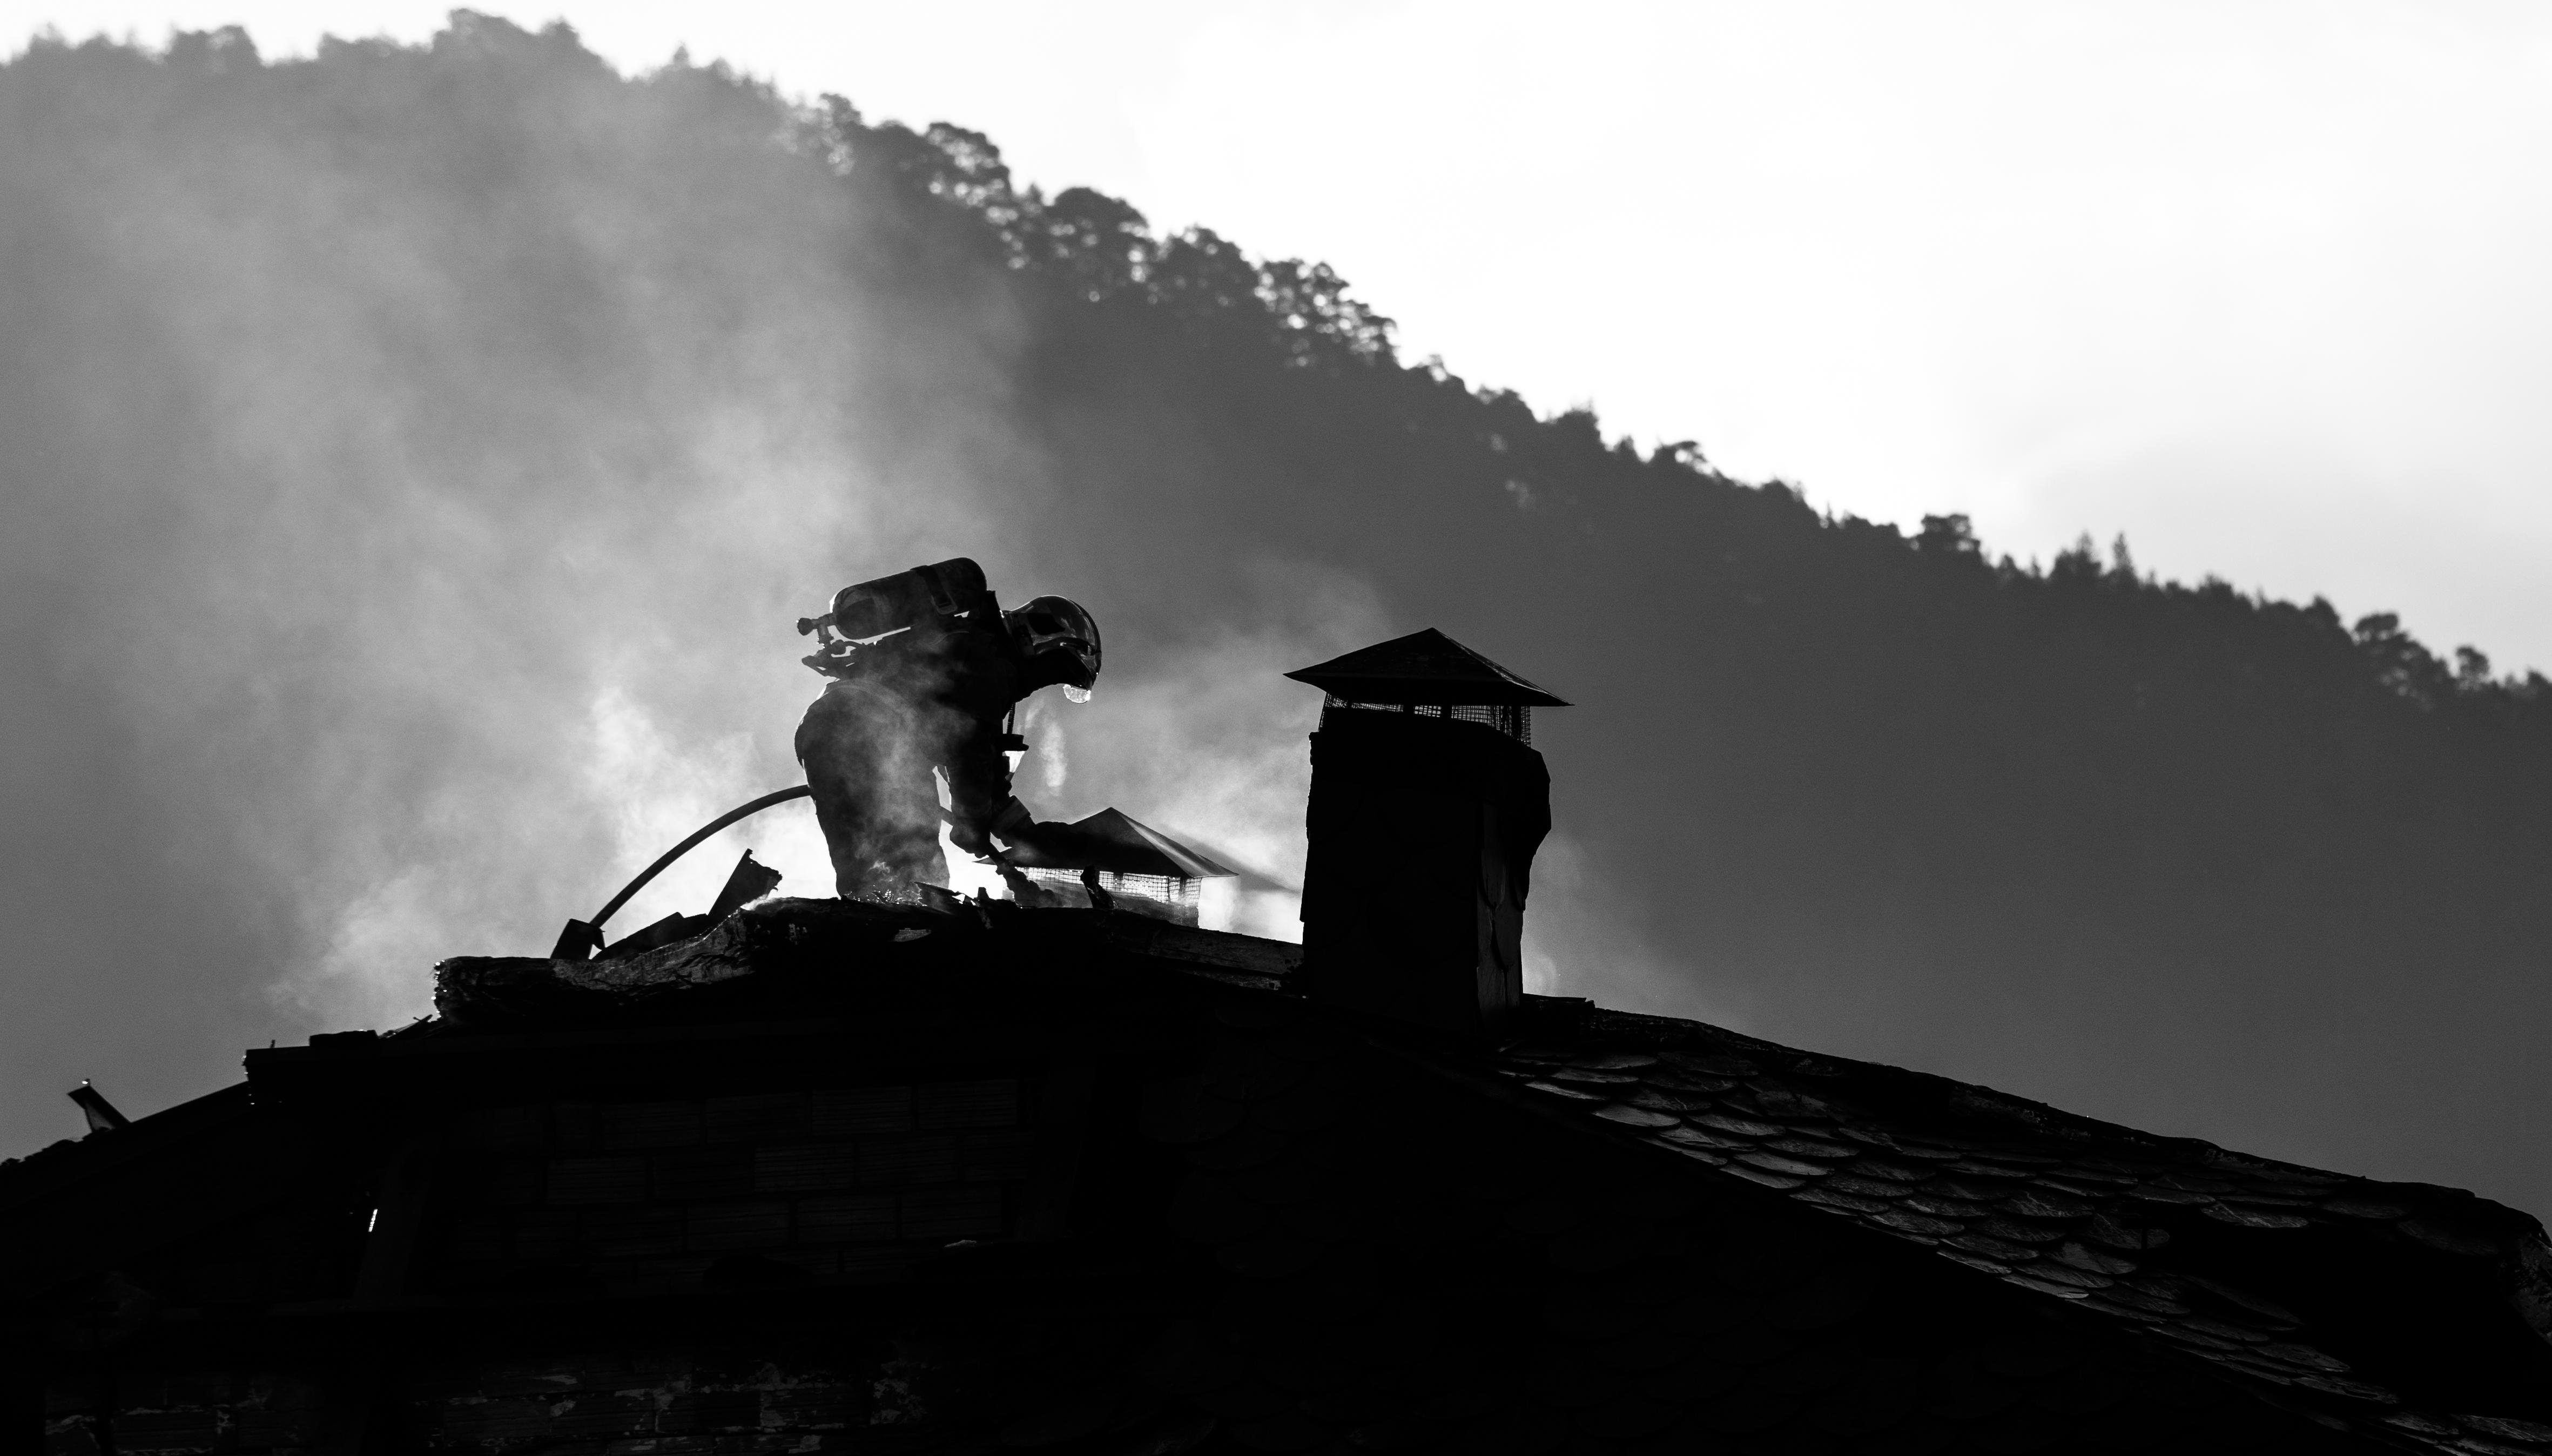 Incendi a l'edifici Tiffany's a la Massana - Alfons Teruel